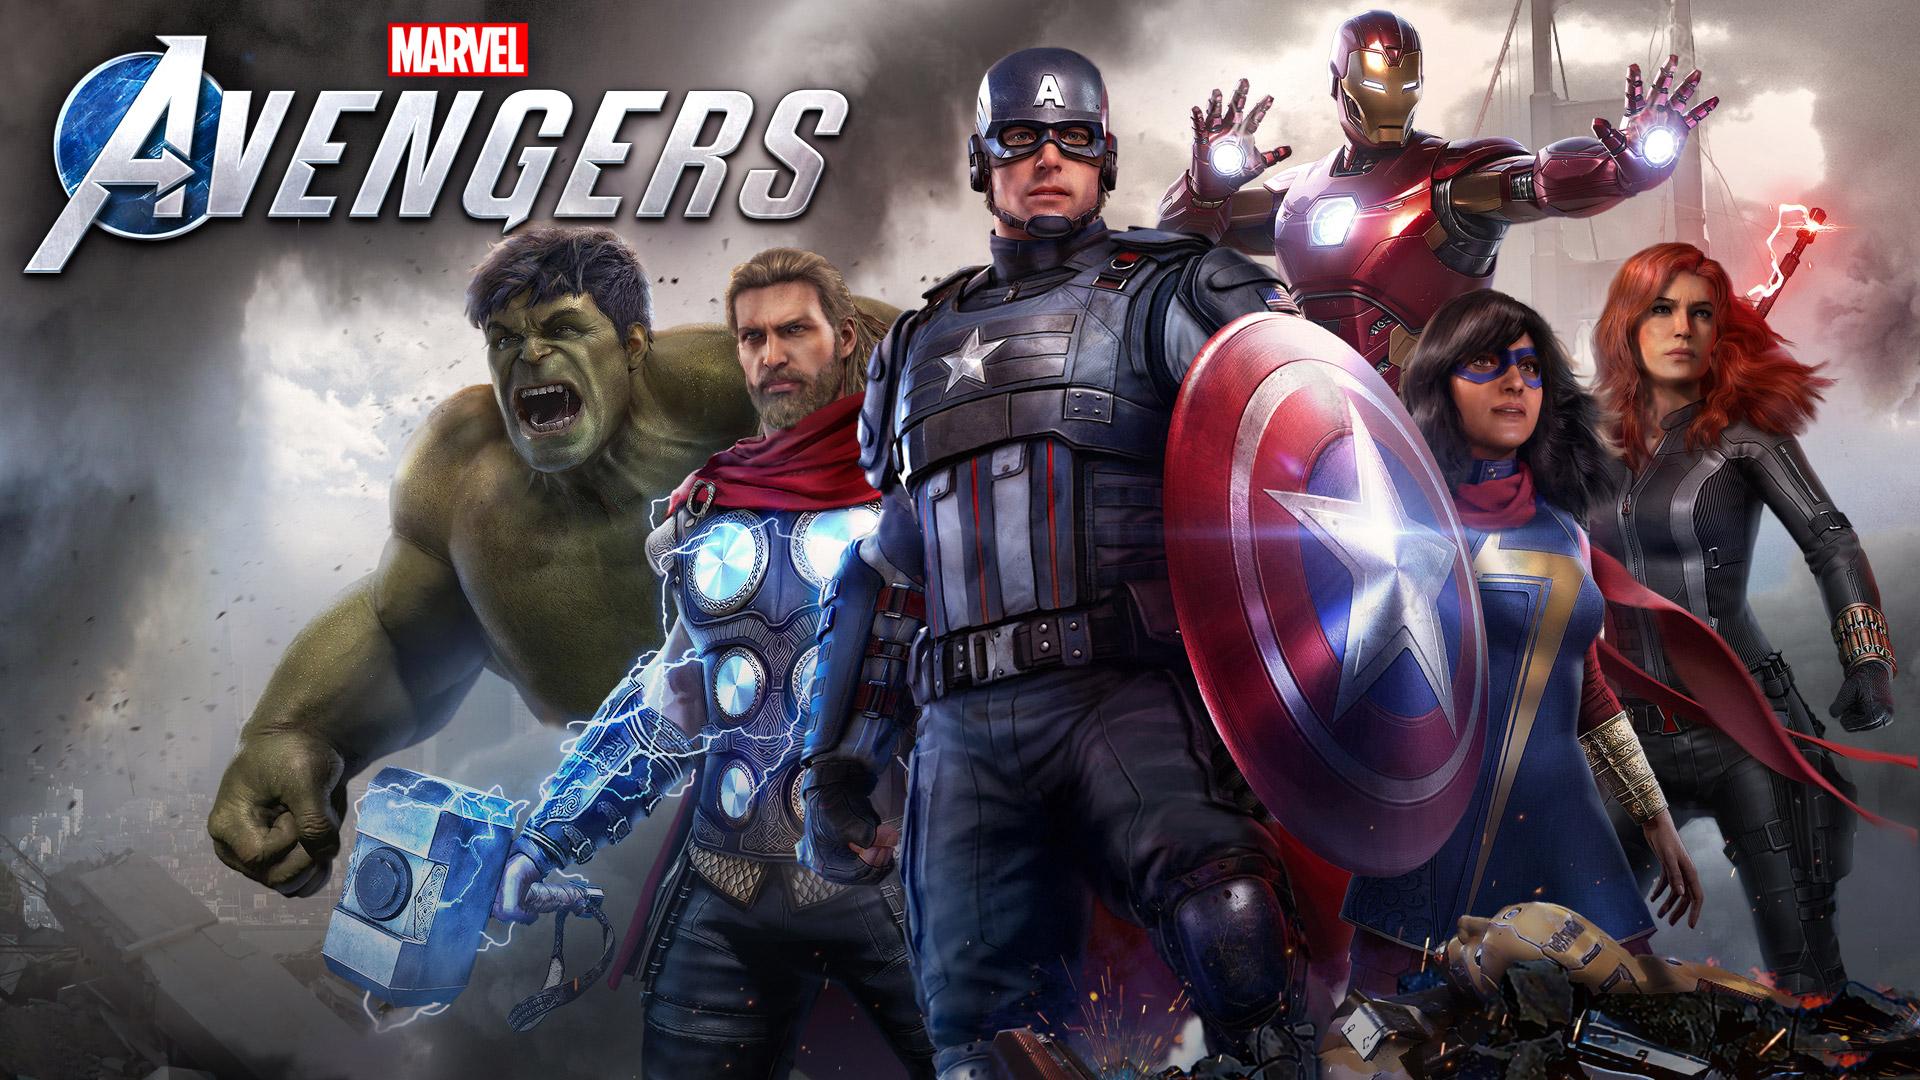 Marvel's Avengers Wallpaper in 1920x1080